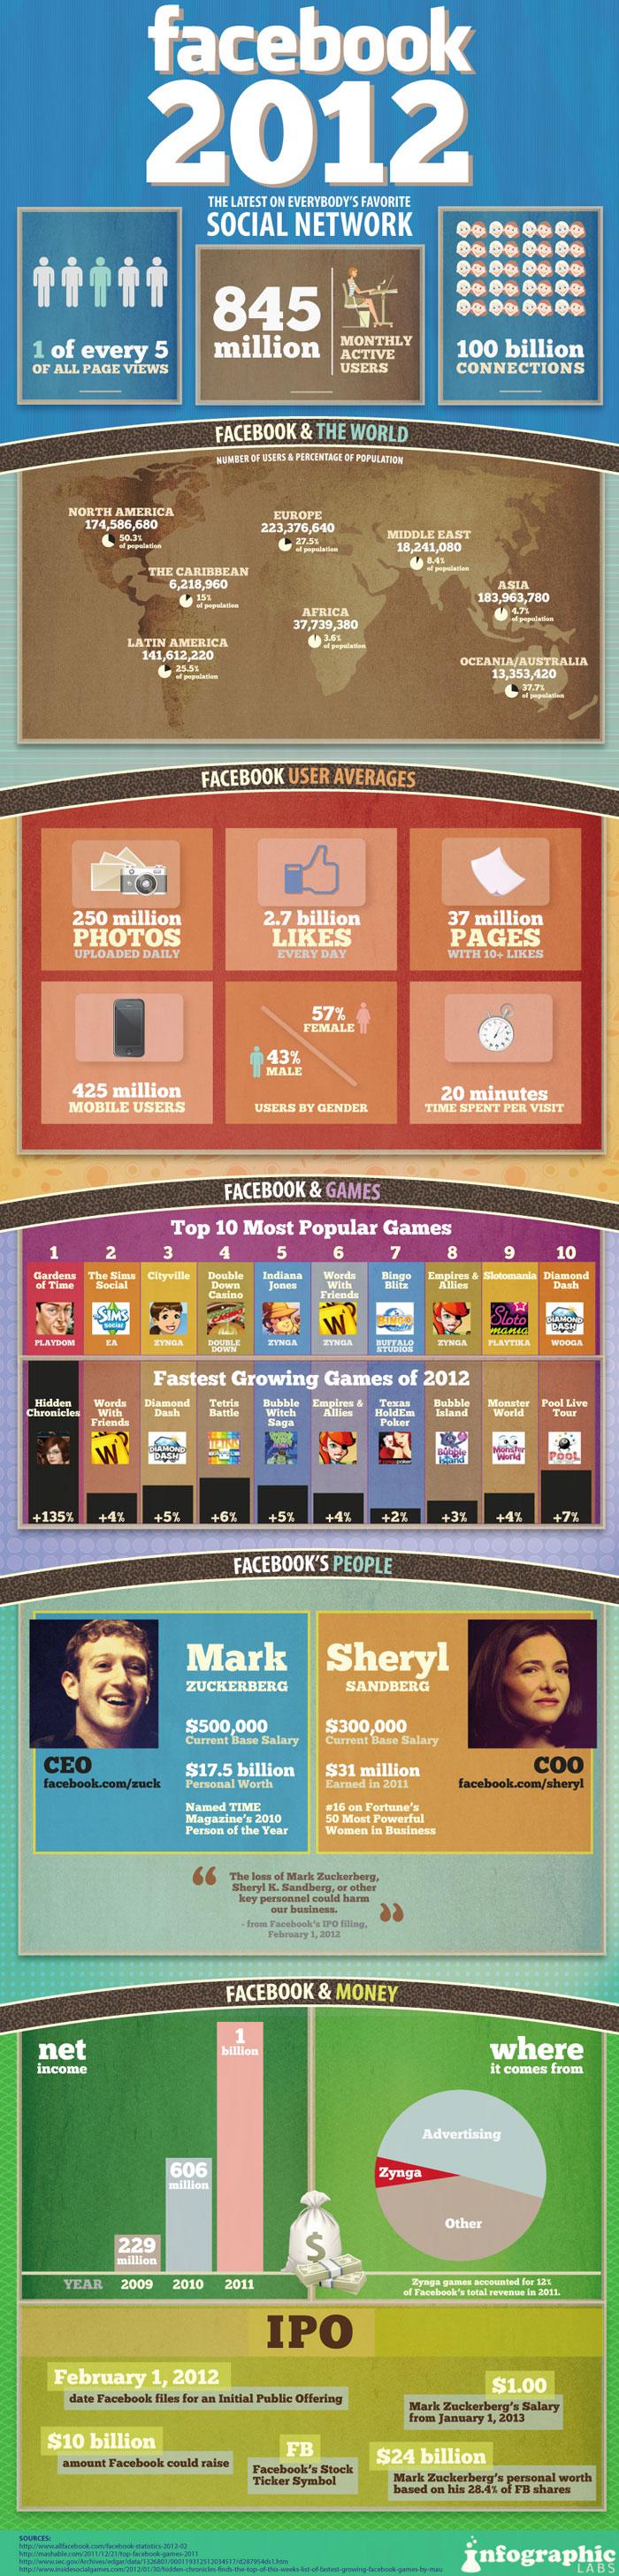 Facebook statistics 2012